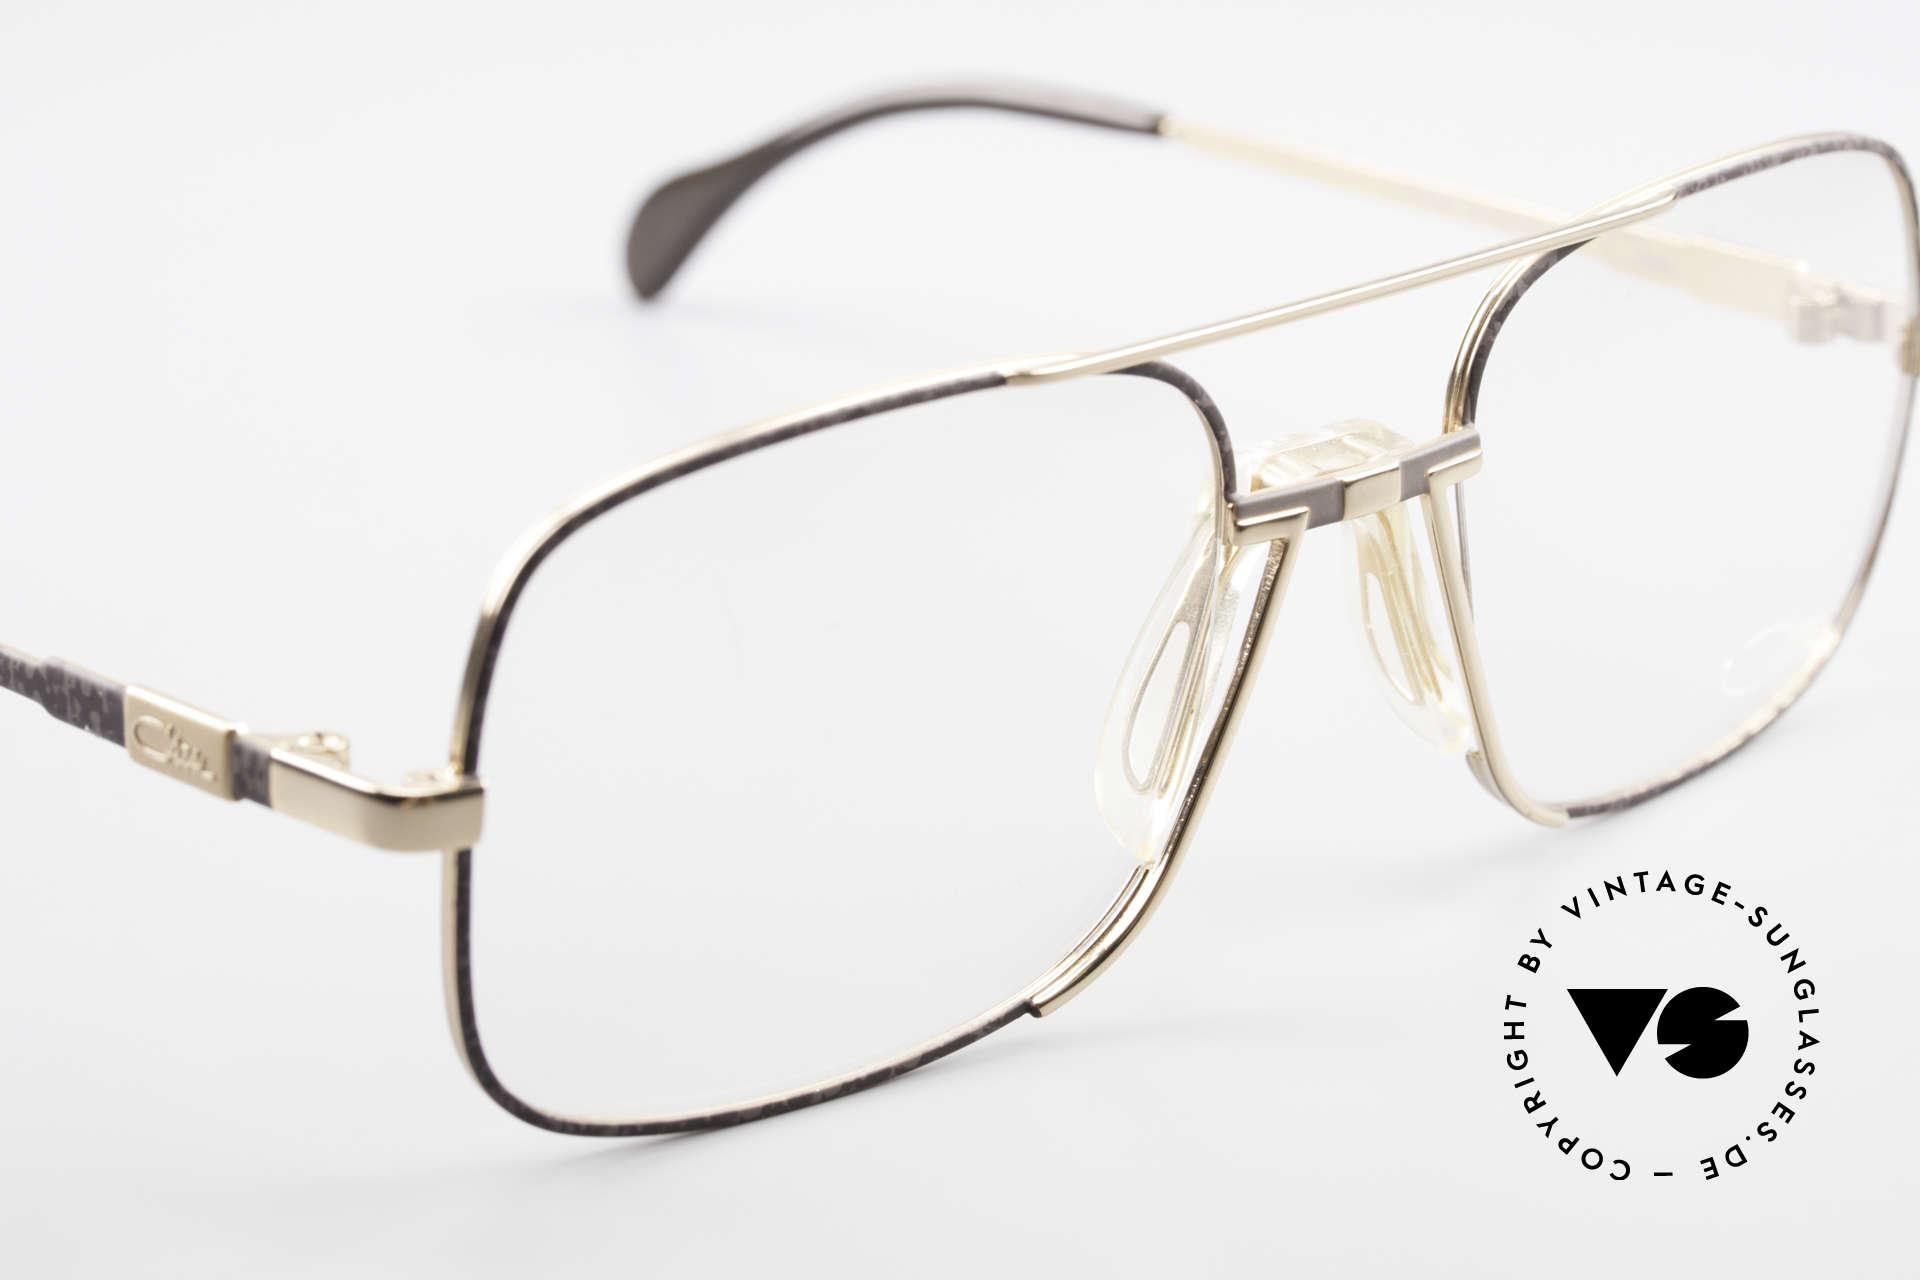 Cazal 740 Vintage Brille Herren 1990er, KEINE Retromode, sondern ein altes Cazal-Original, Passend für Herren